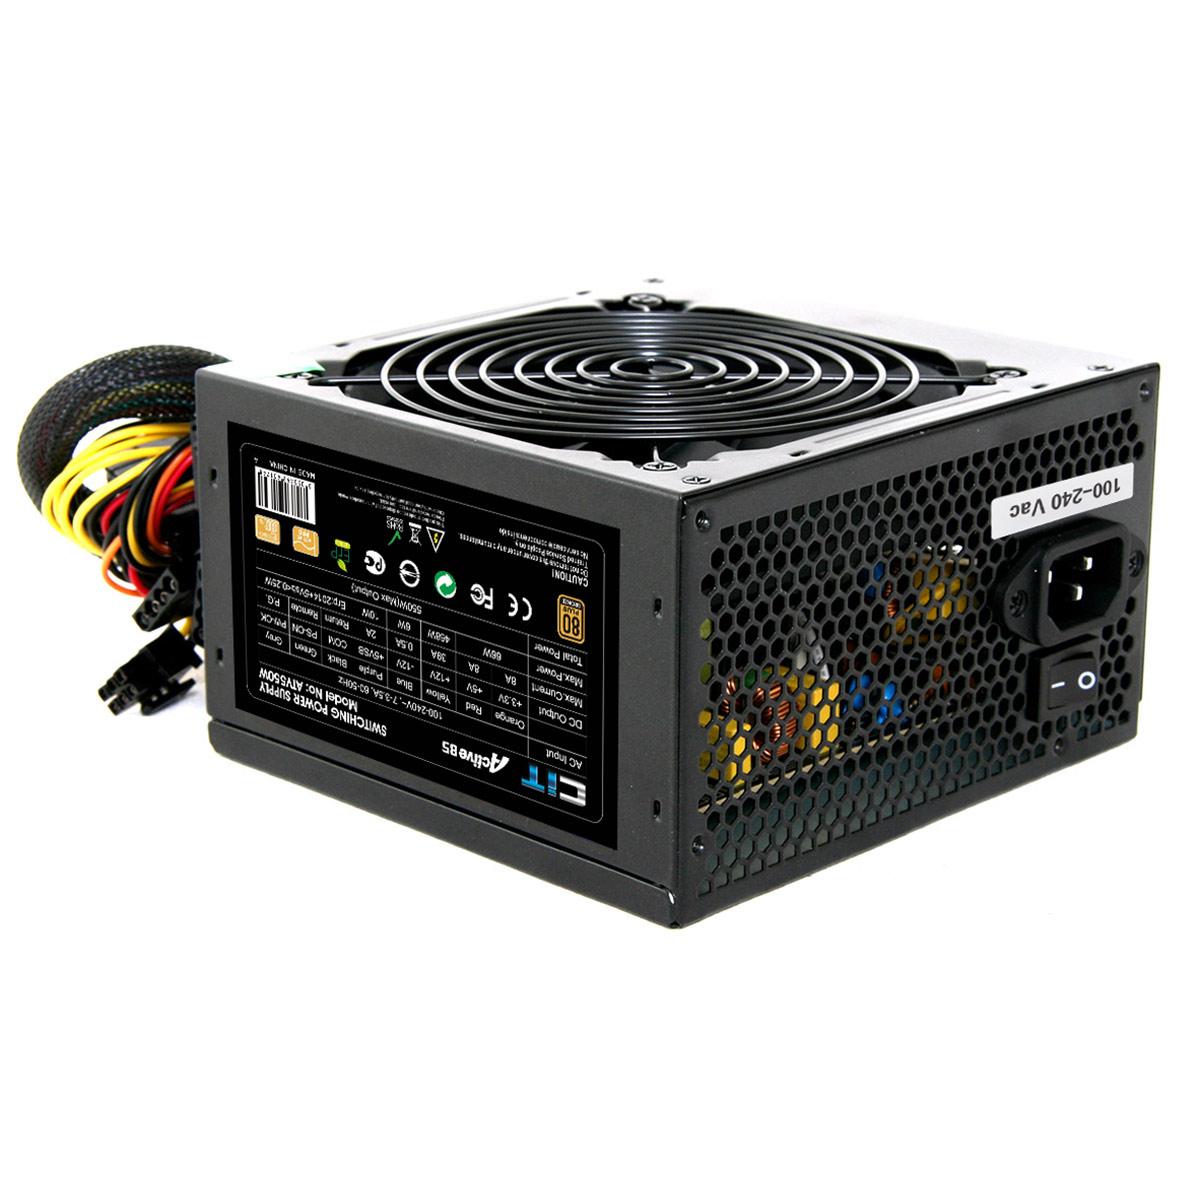 CiT ATV-550W-OEM 550W Black